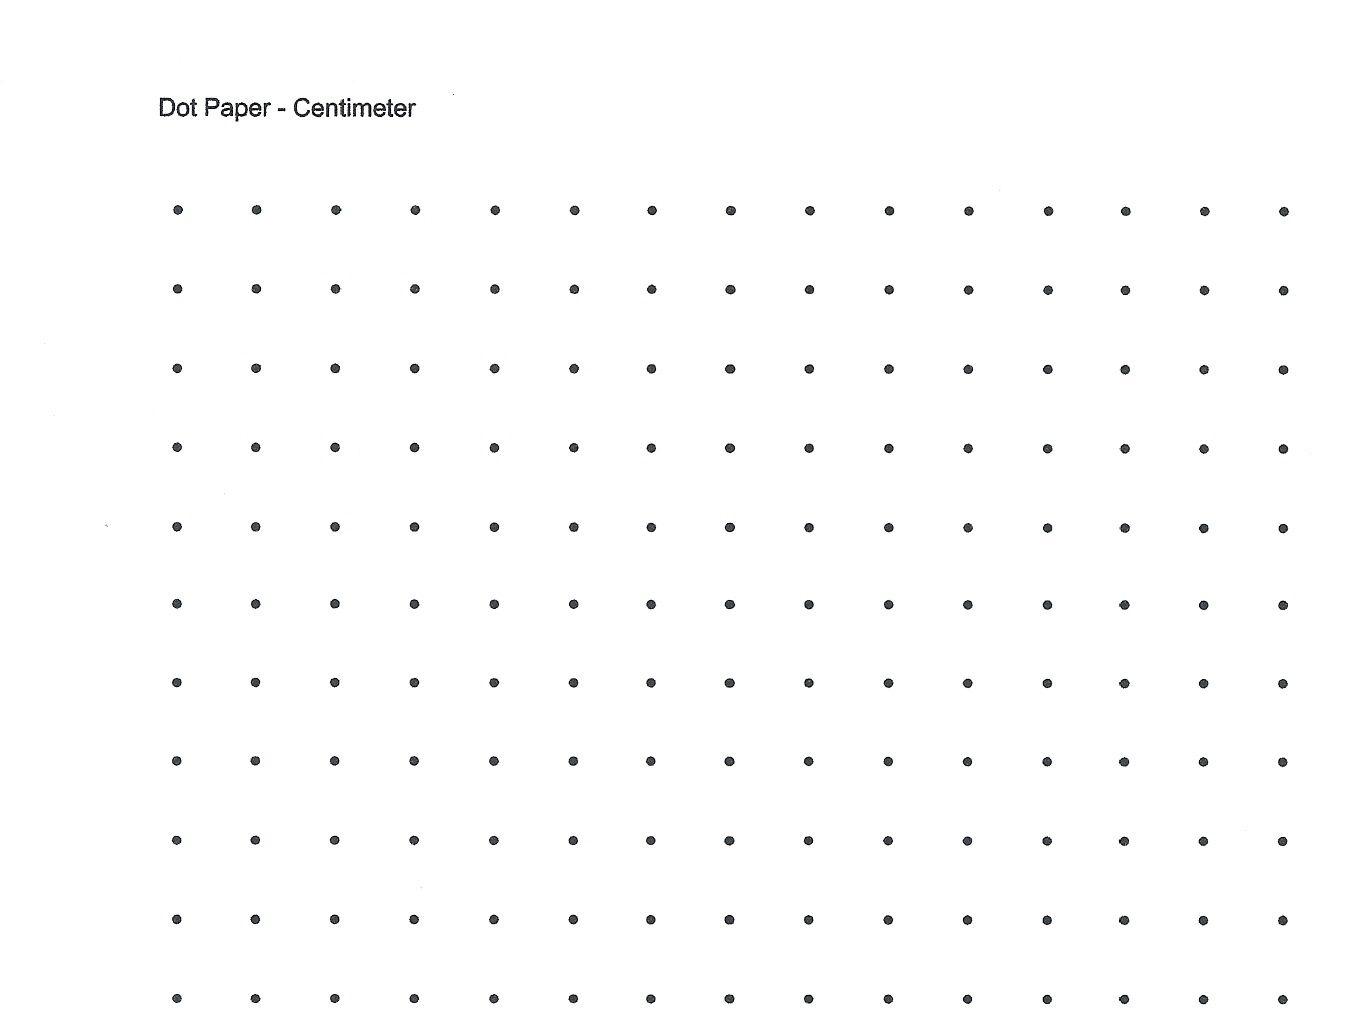 Free Printable Cetameter Dot Grid | Centimeter Dot Graph Paper For - Free Printable Square Dot Paper